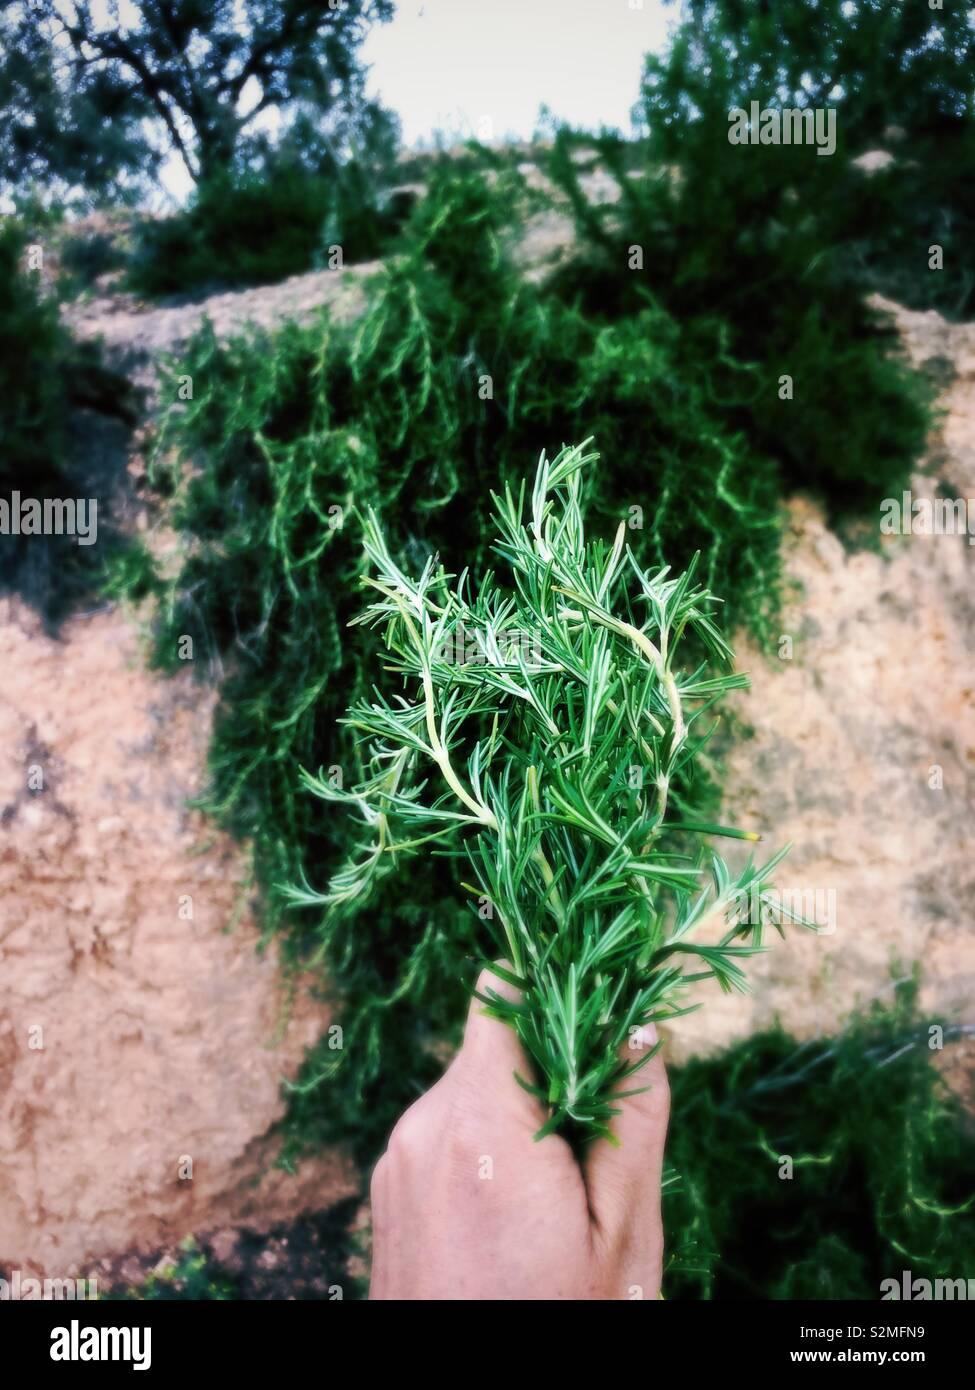 Appena raccolte di rosmarino selvatico Foto Stock